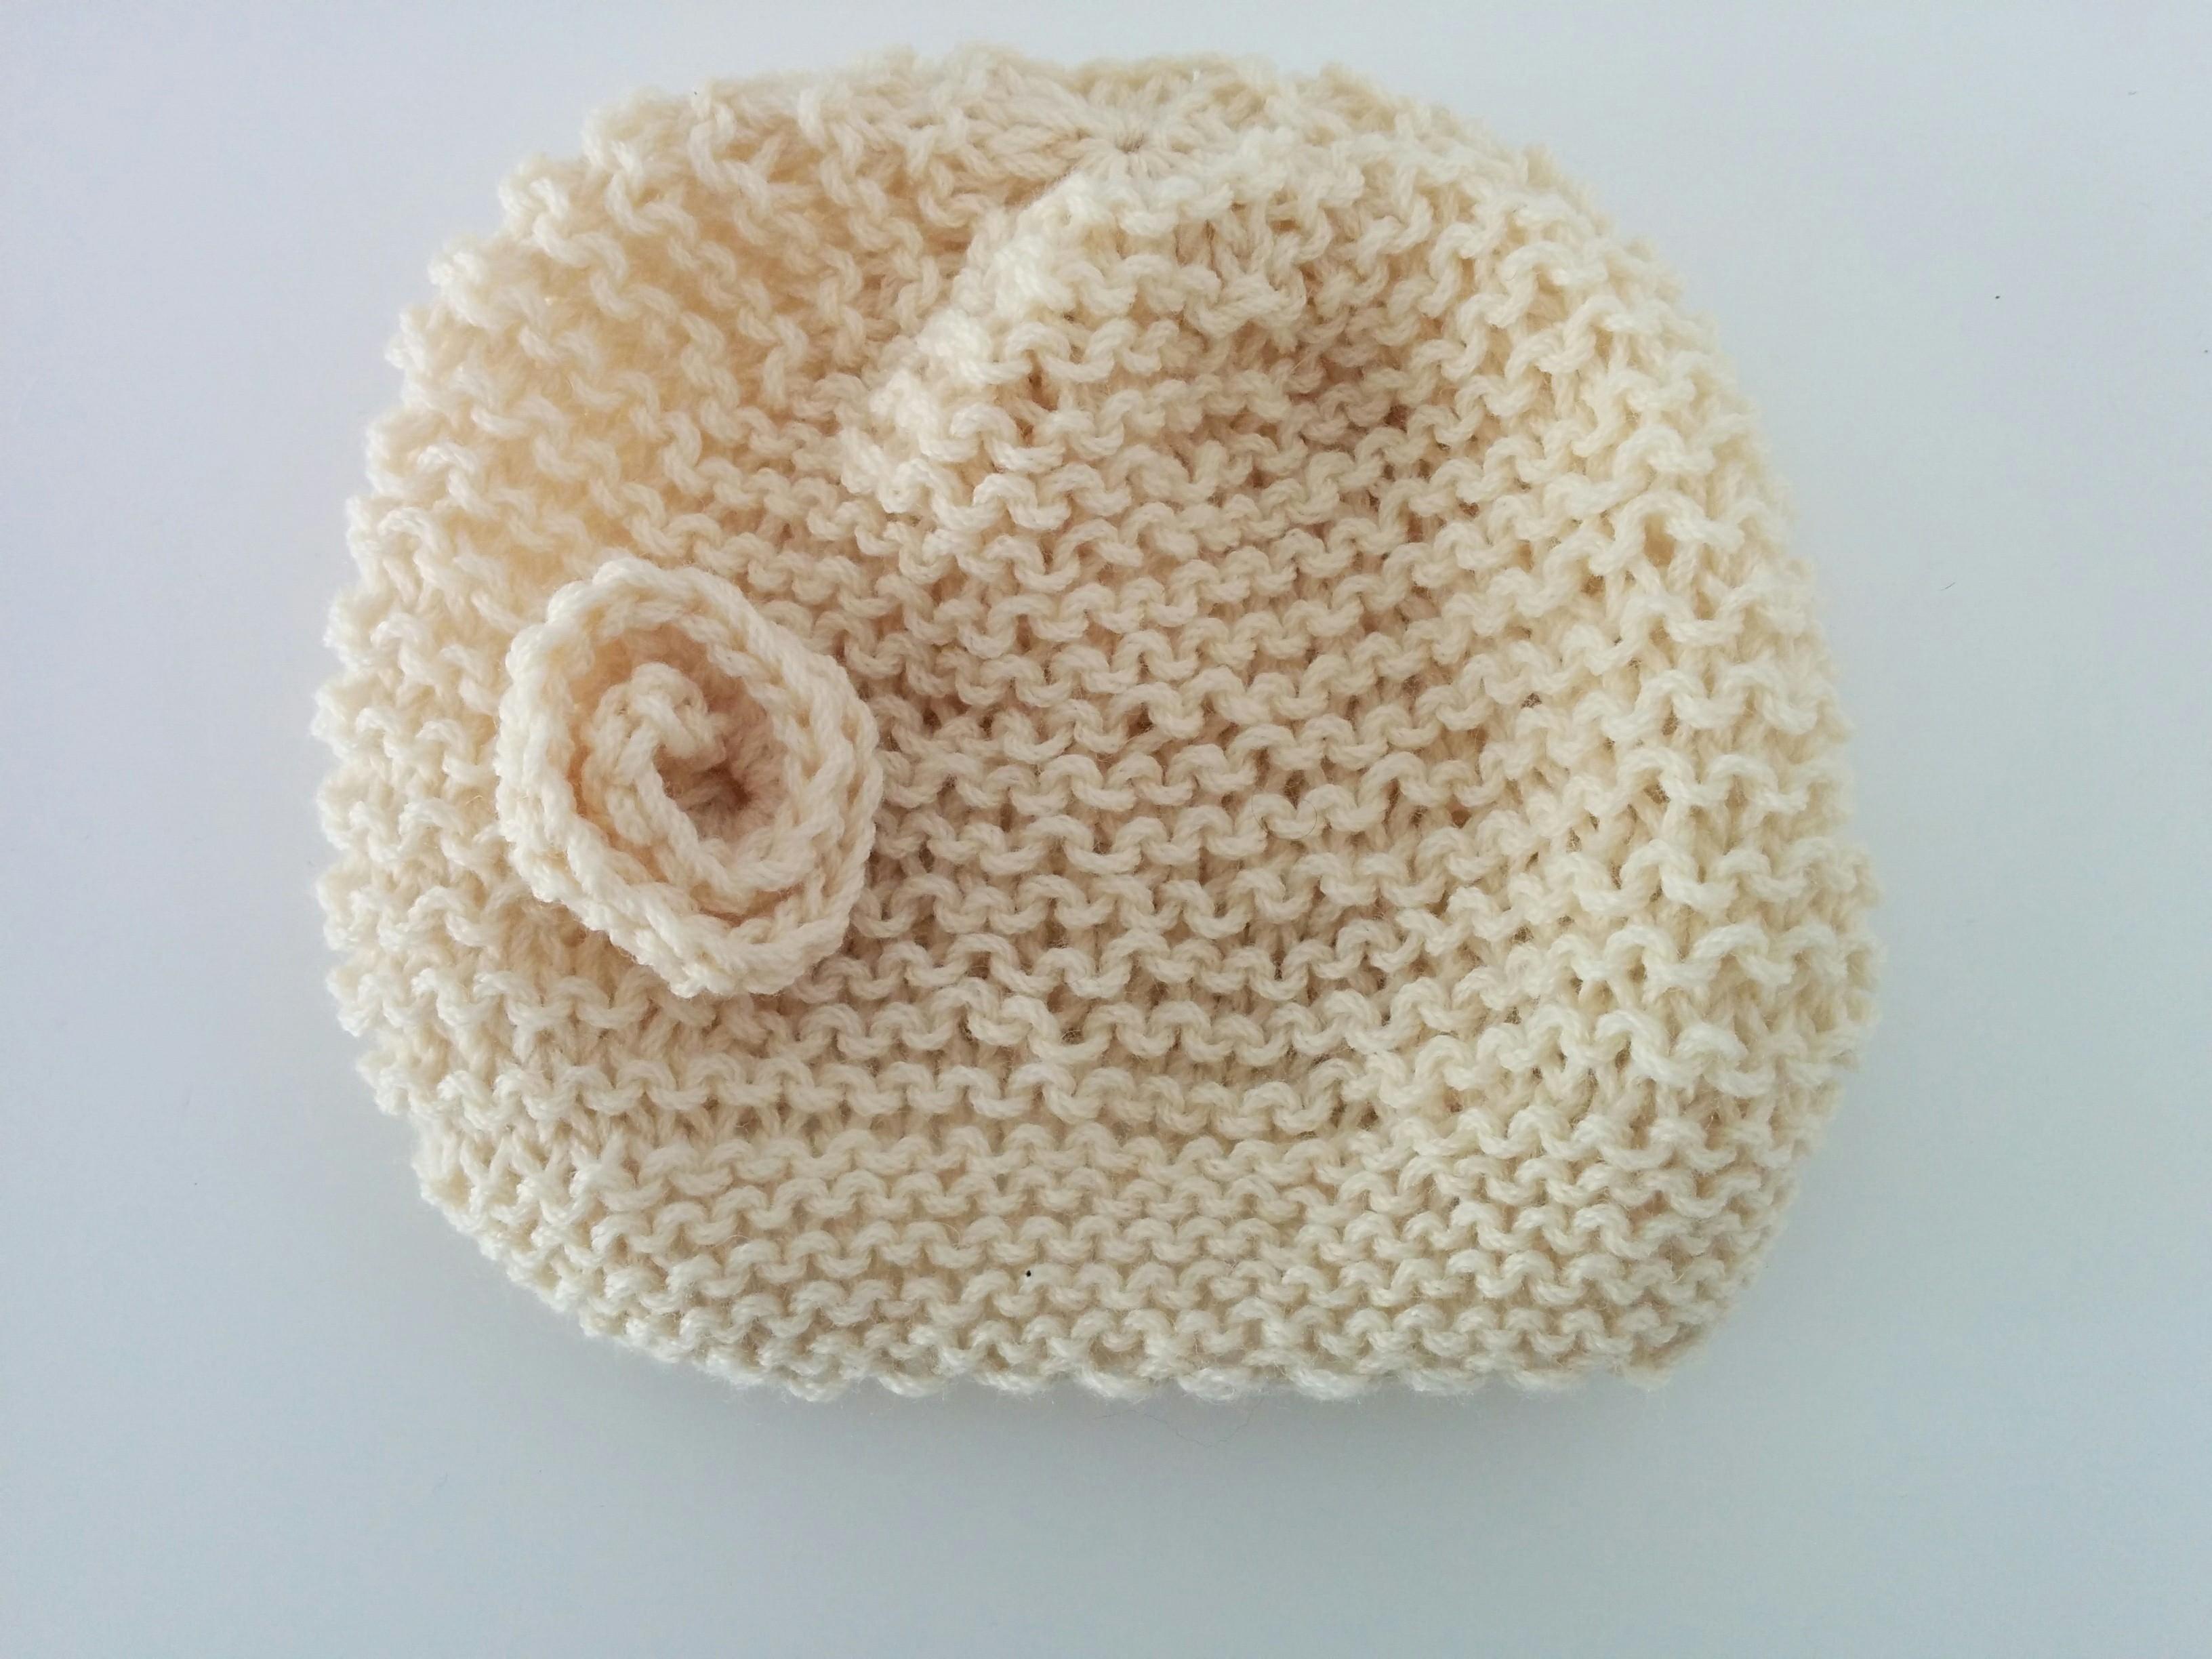 Χειροποίητος πλεκτός σκούφος άσπρος με άσπρο λουλουδάκι